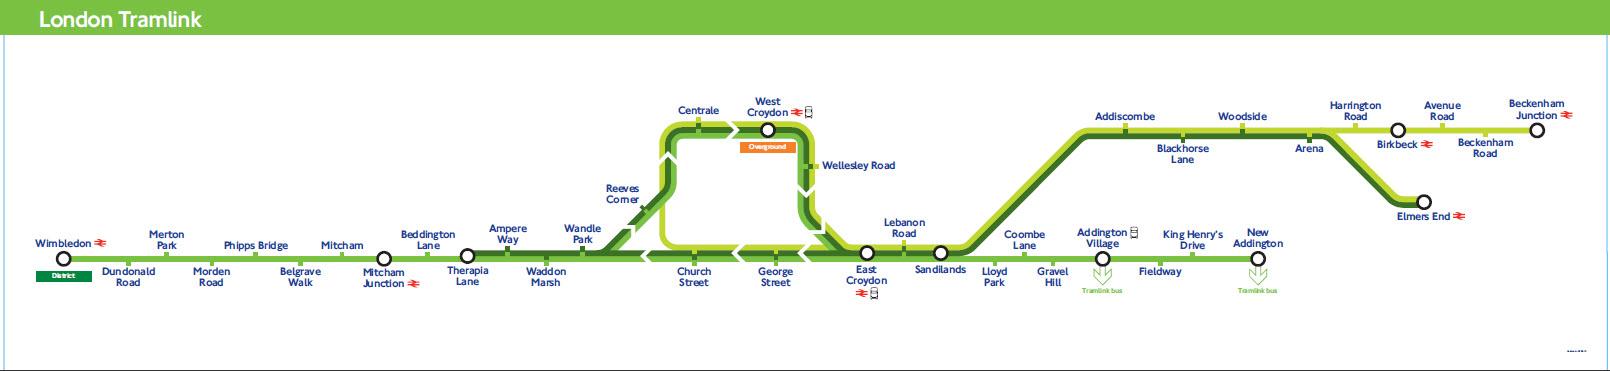 Схема трамвайных маршрутов